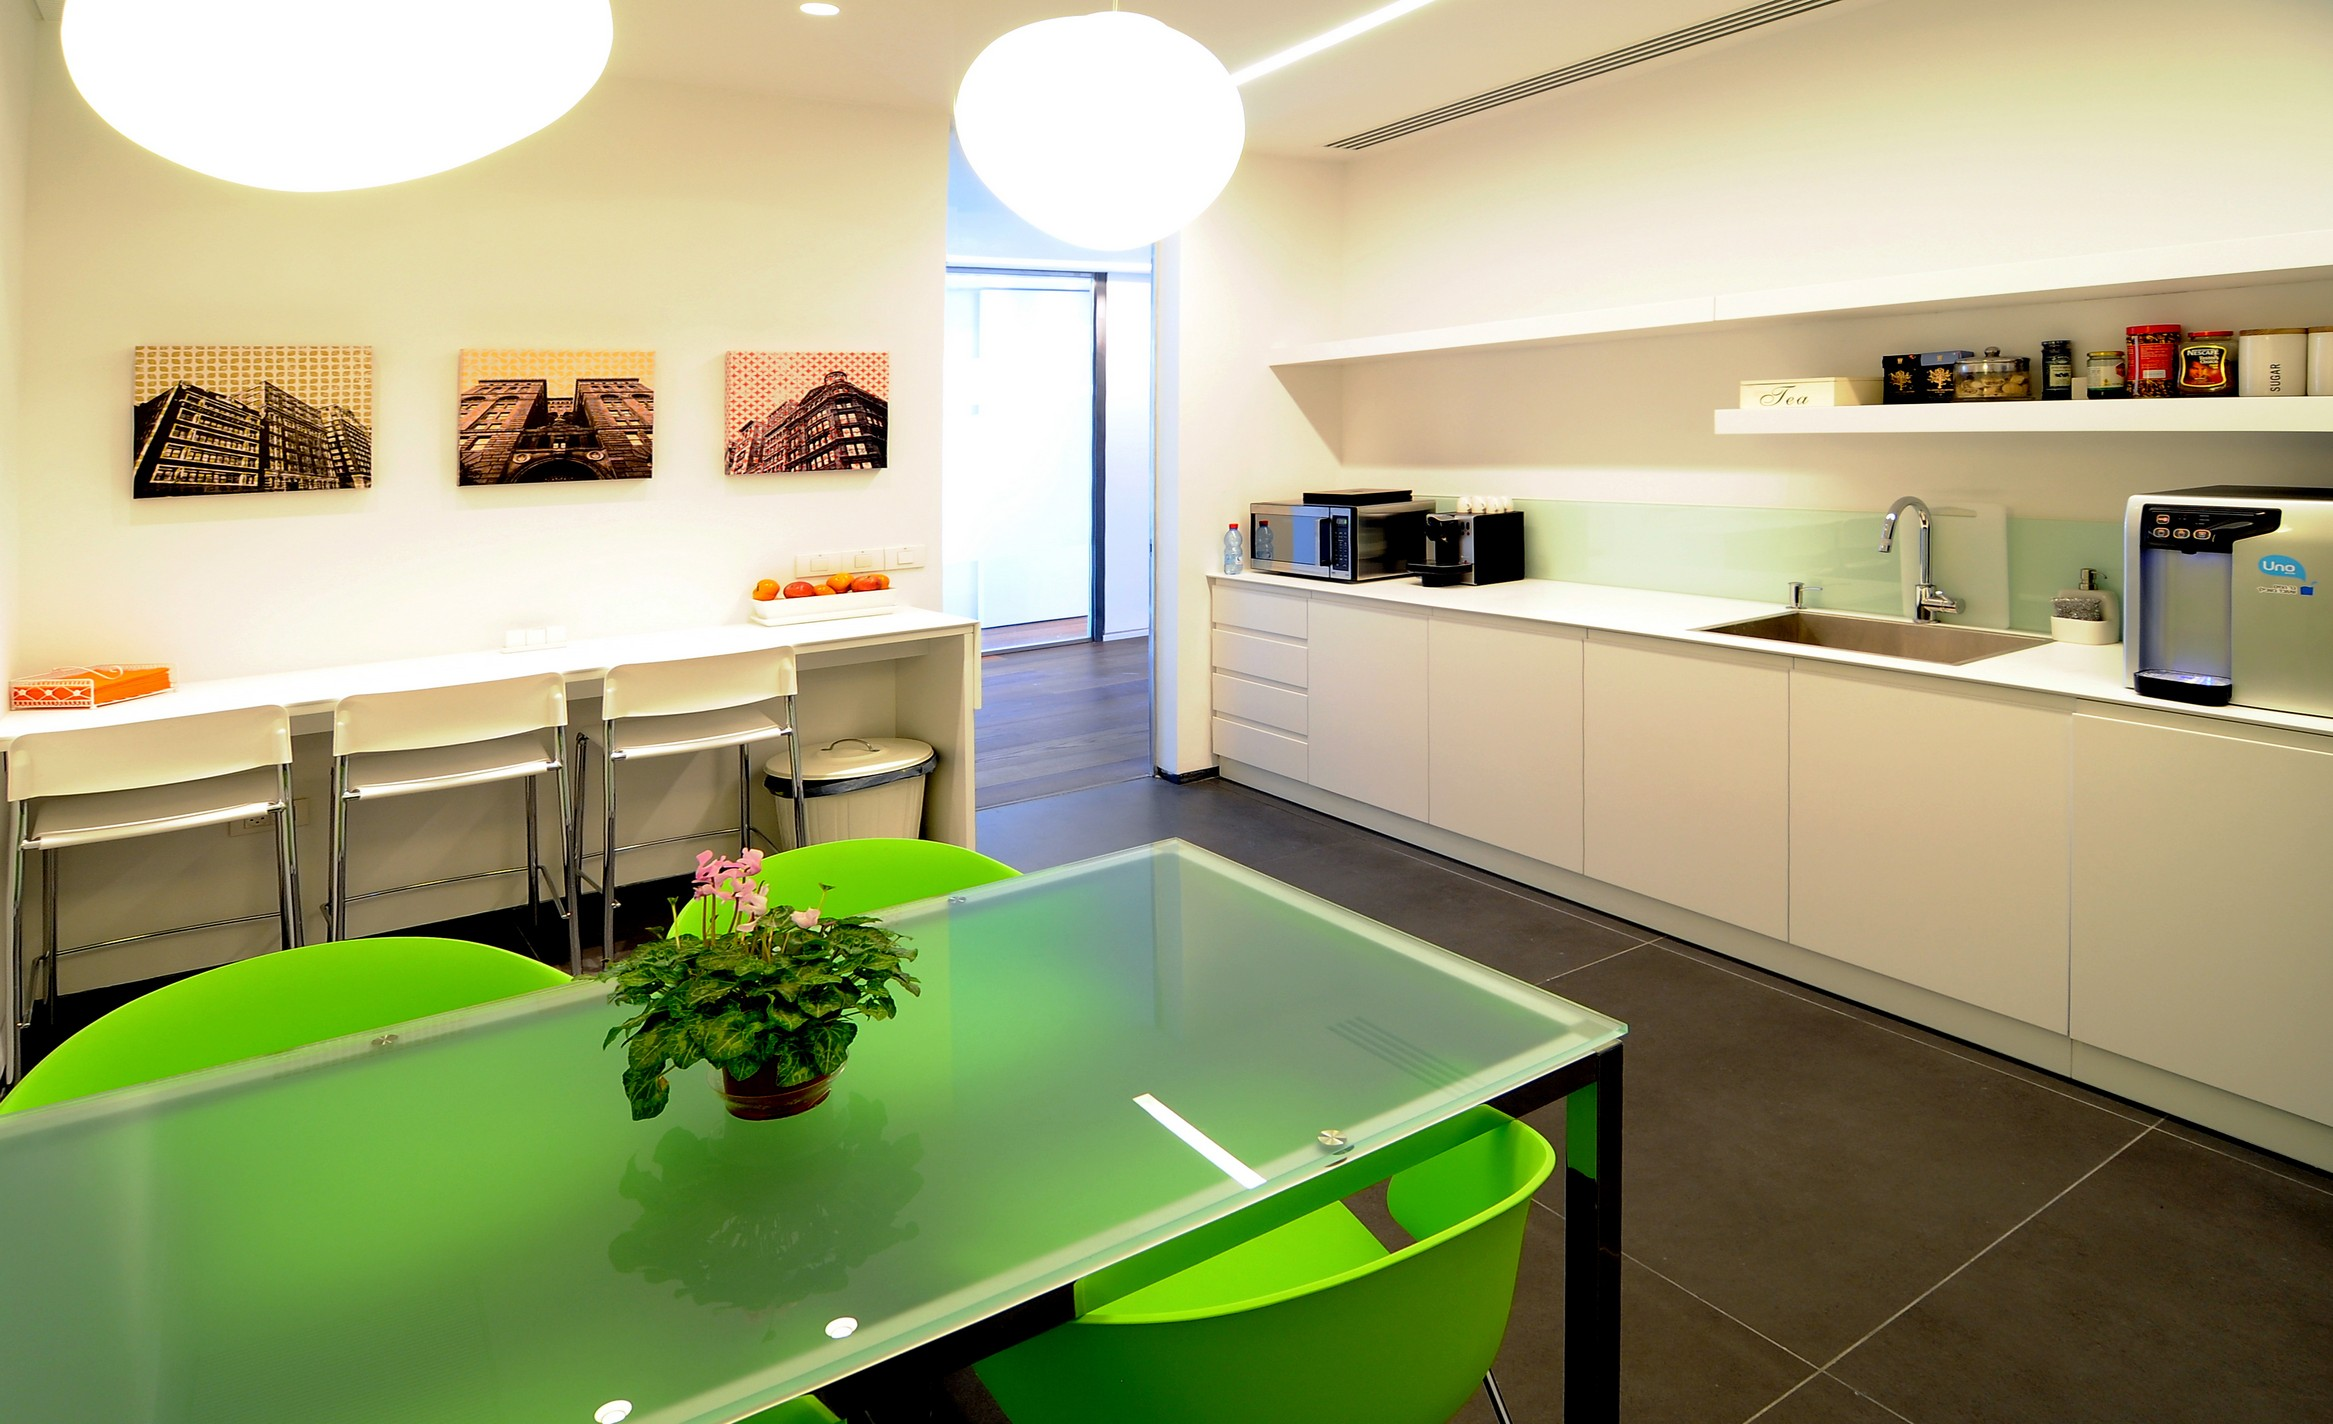 עיצוב ותכנון של חדר האוכל בגלובל וילג